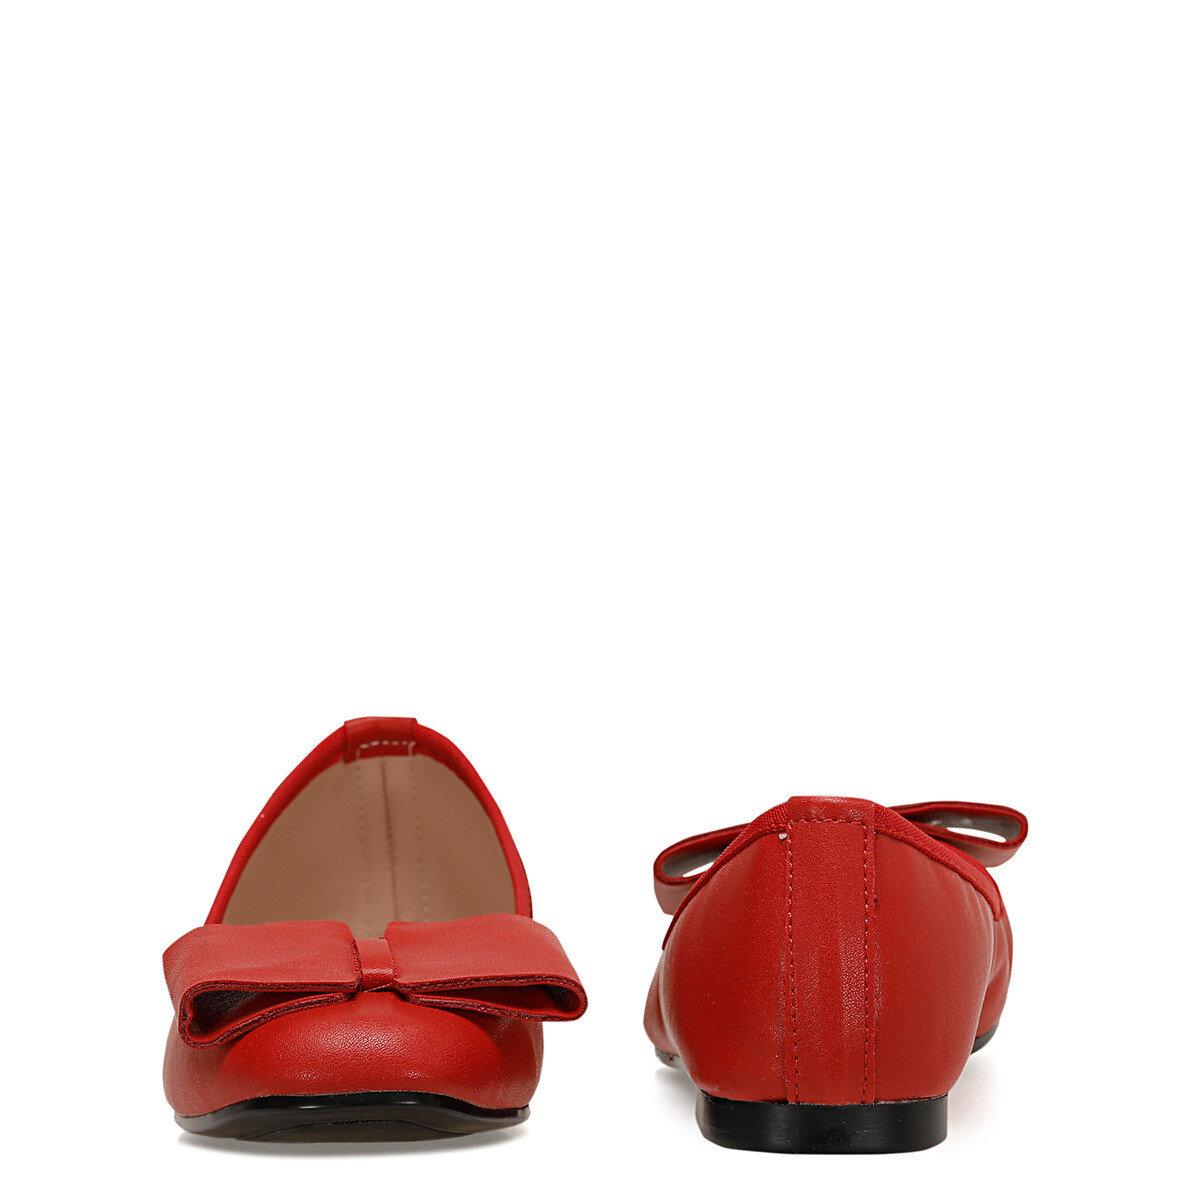 RIWA Kırmızı Kadın Babet